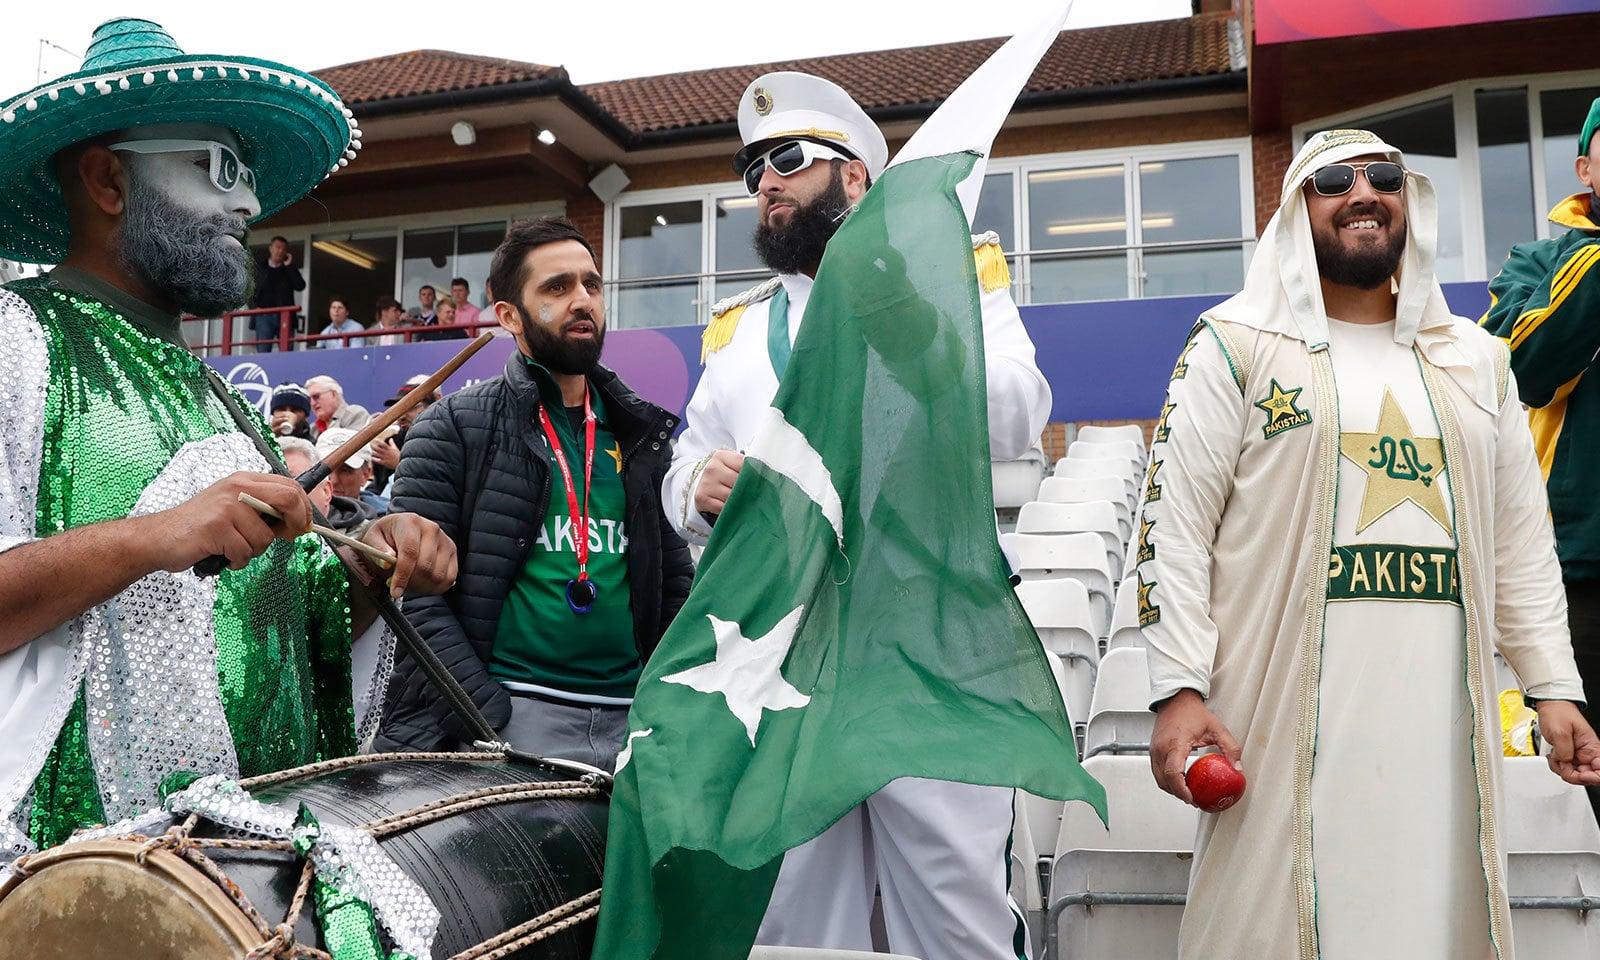 قومی ٹیم کے مداح پاکستانی پرچم تھامے اسٹیڈیم پہنچے تھے—فوٹو:اے پی